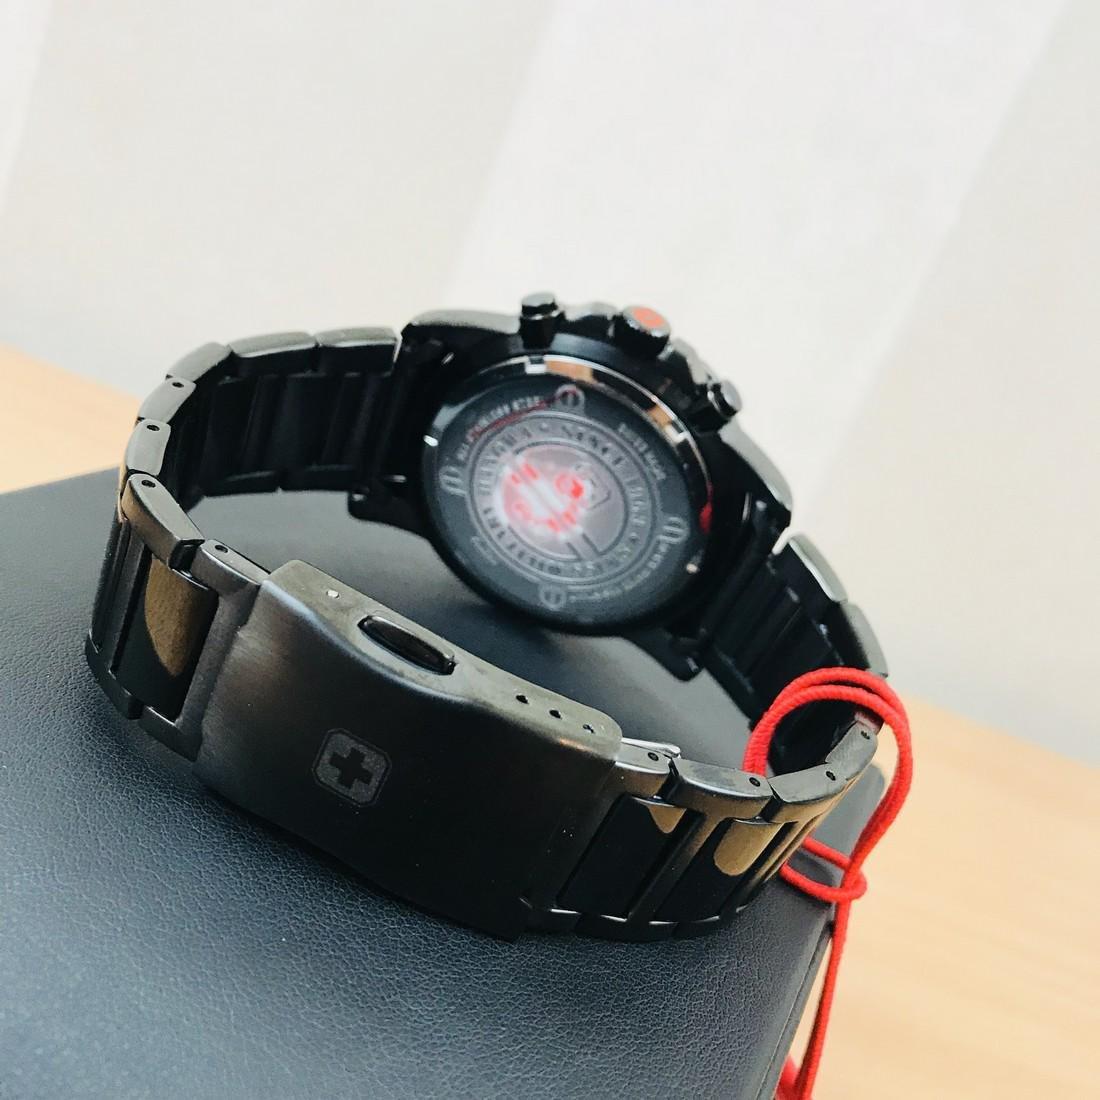 Swiss Military Hanowa – Swiss Made Chronograph Watch - 3